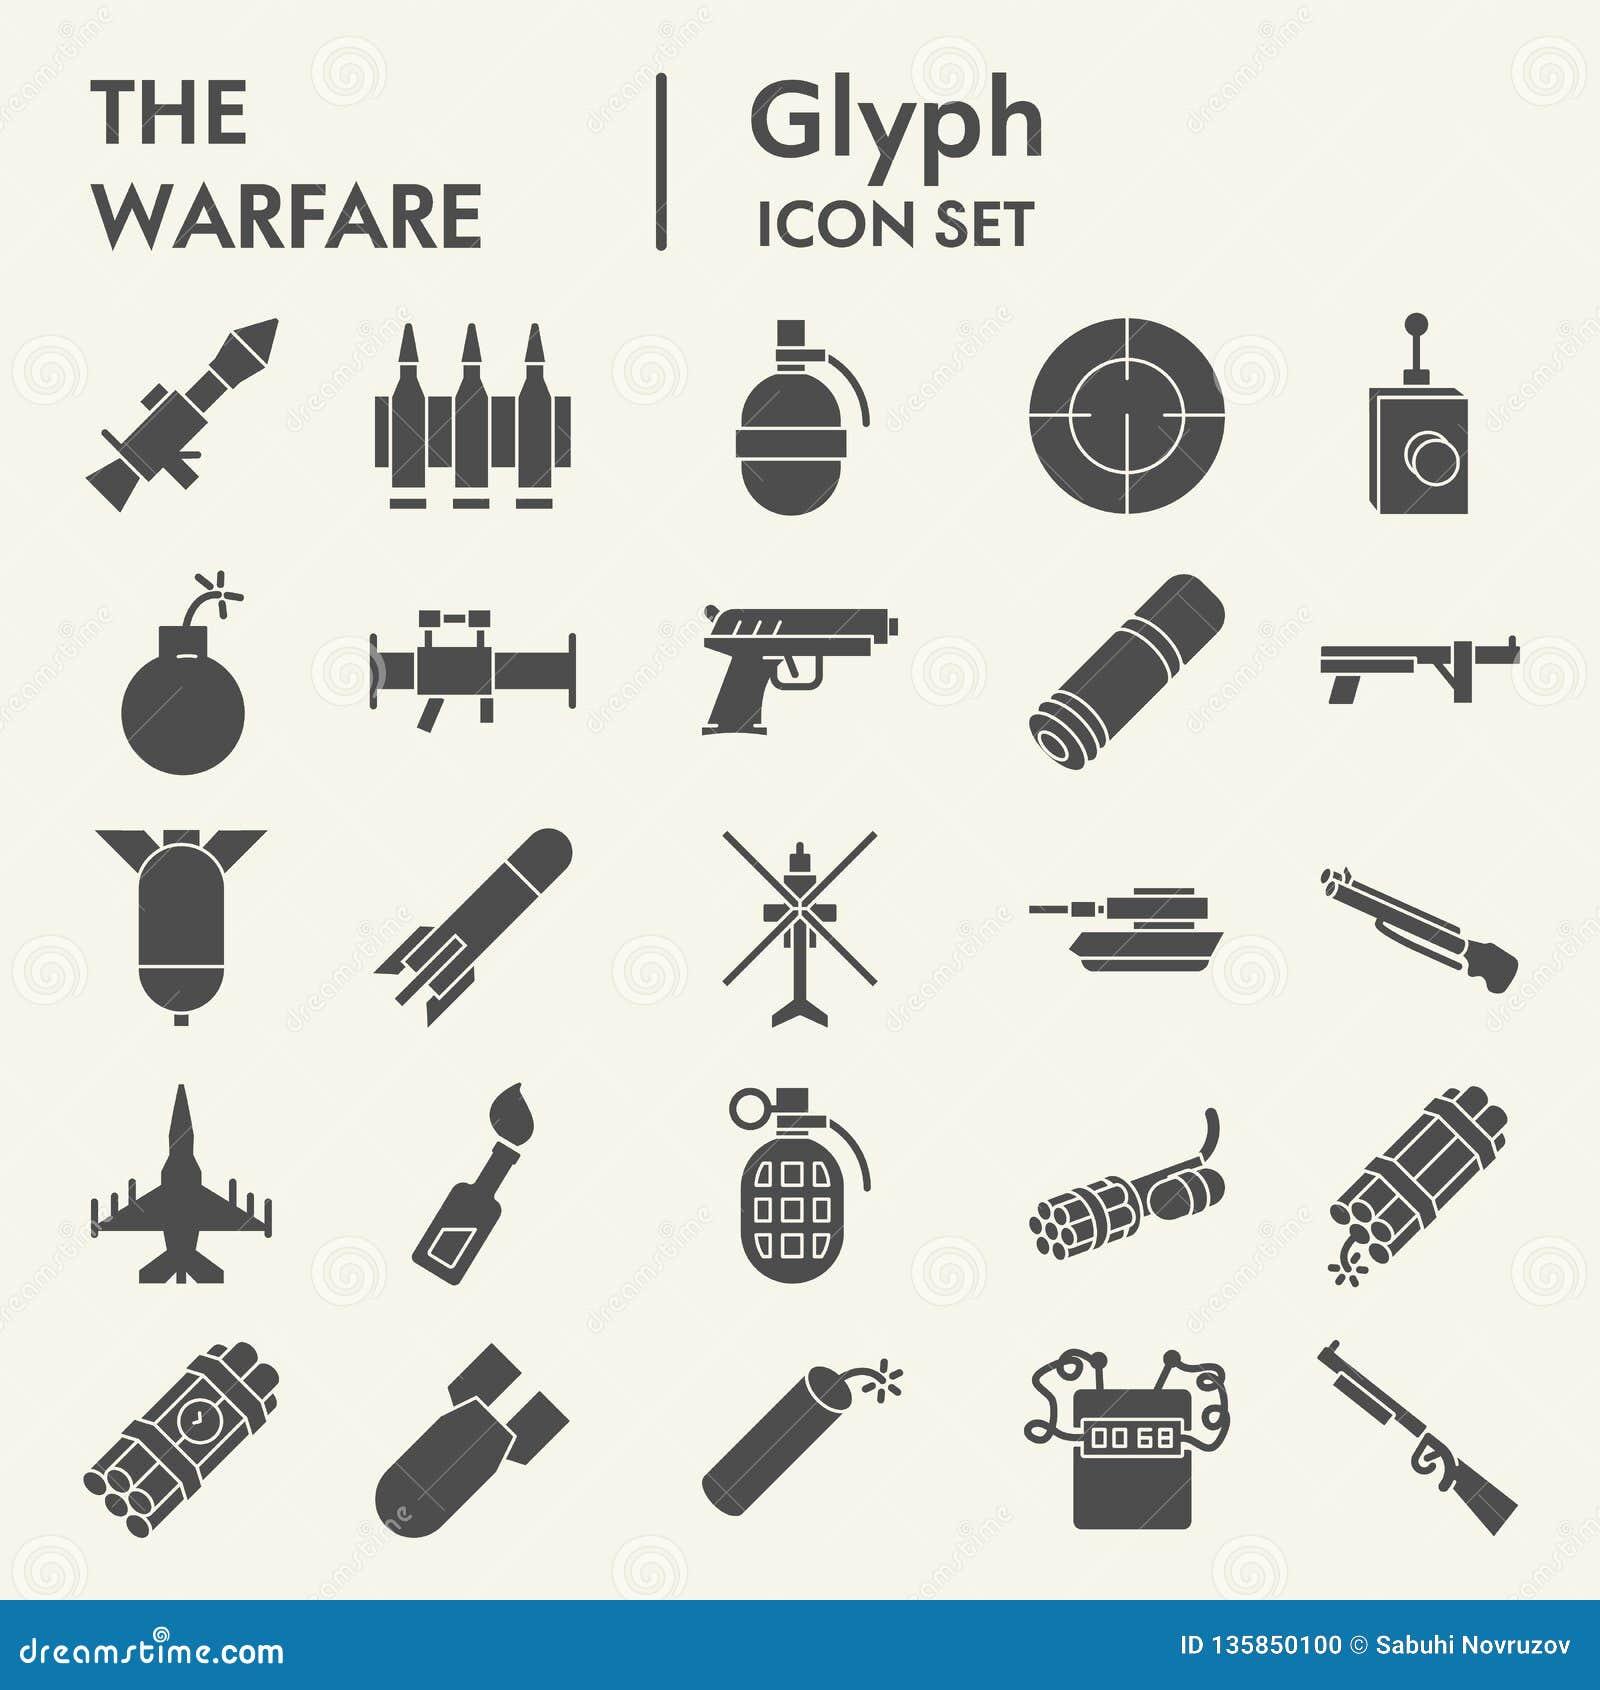 Kriegsführung Glyph-Ikonensatz, Waffensymbole Sammlung, Vektorskizzen, Logoillustrationen, feste Piktogramme der Waffenzeichen